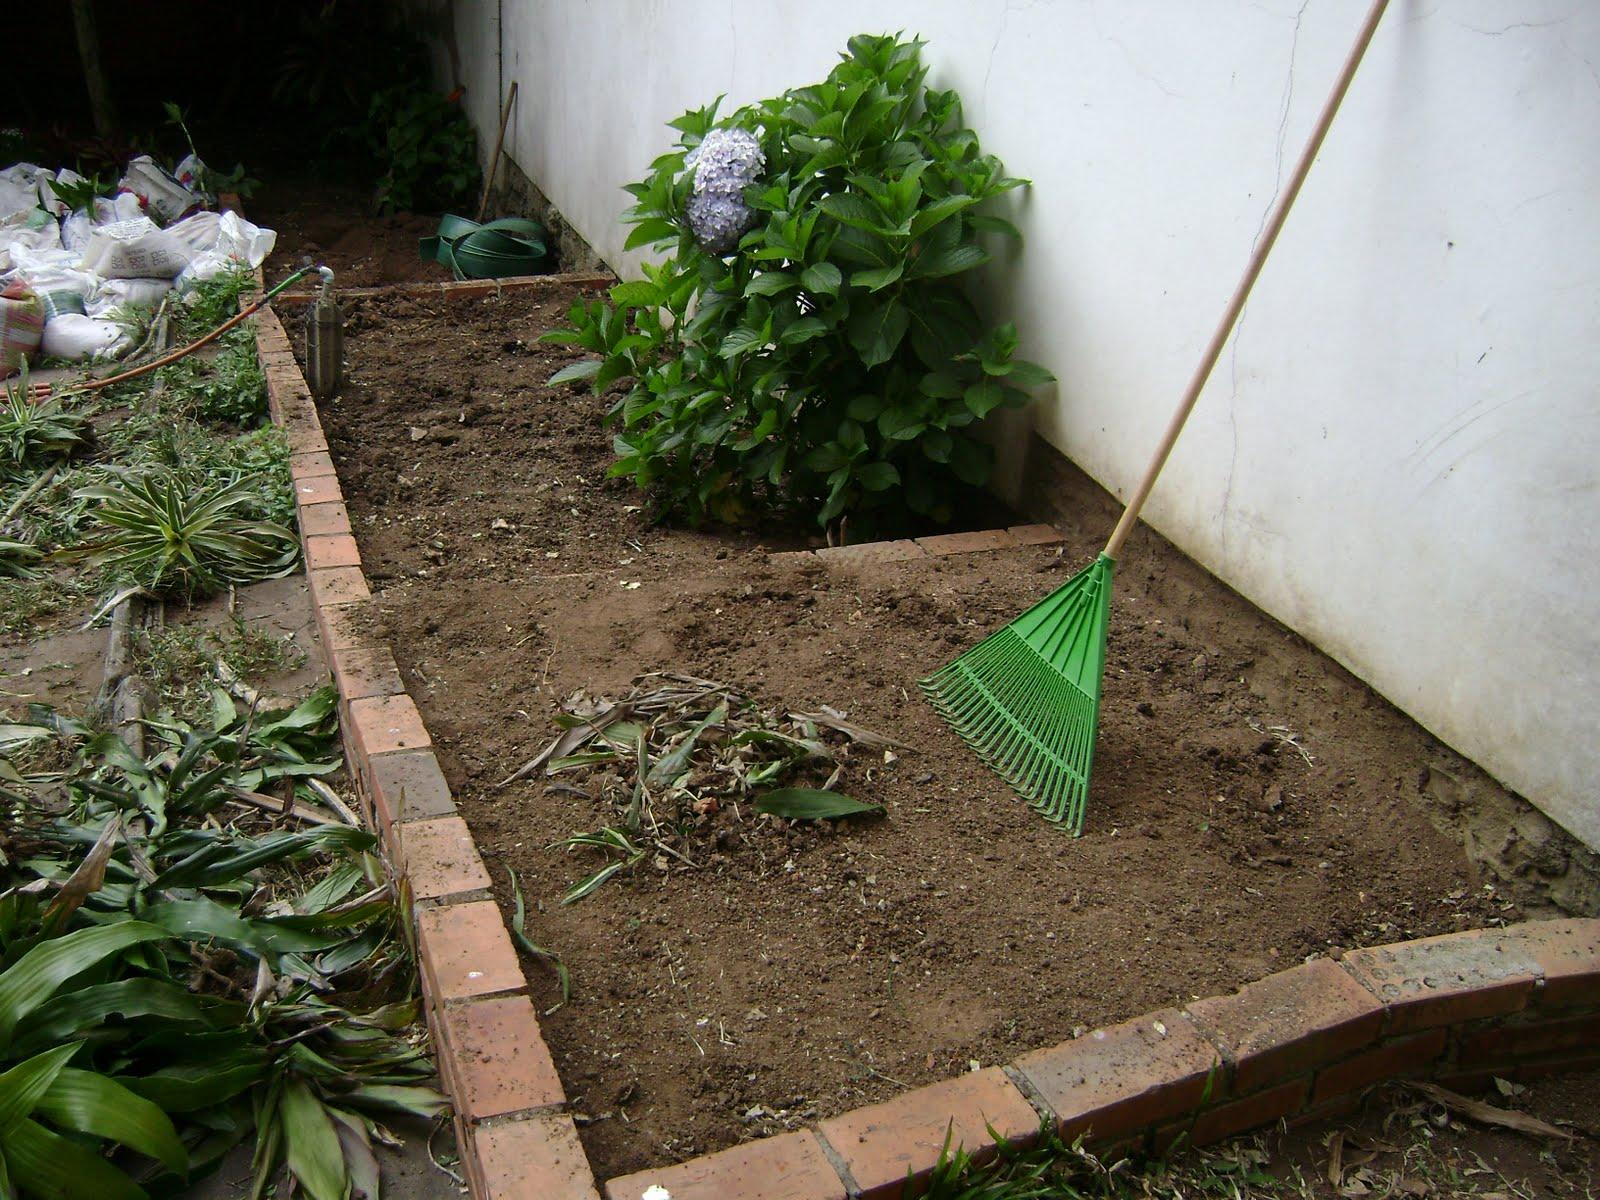 fotos jardim residencial : fotos jardim residencial:Rodrigo Kerber Paisagismo & Jardinagem: Novembro 2010